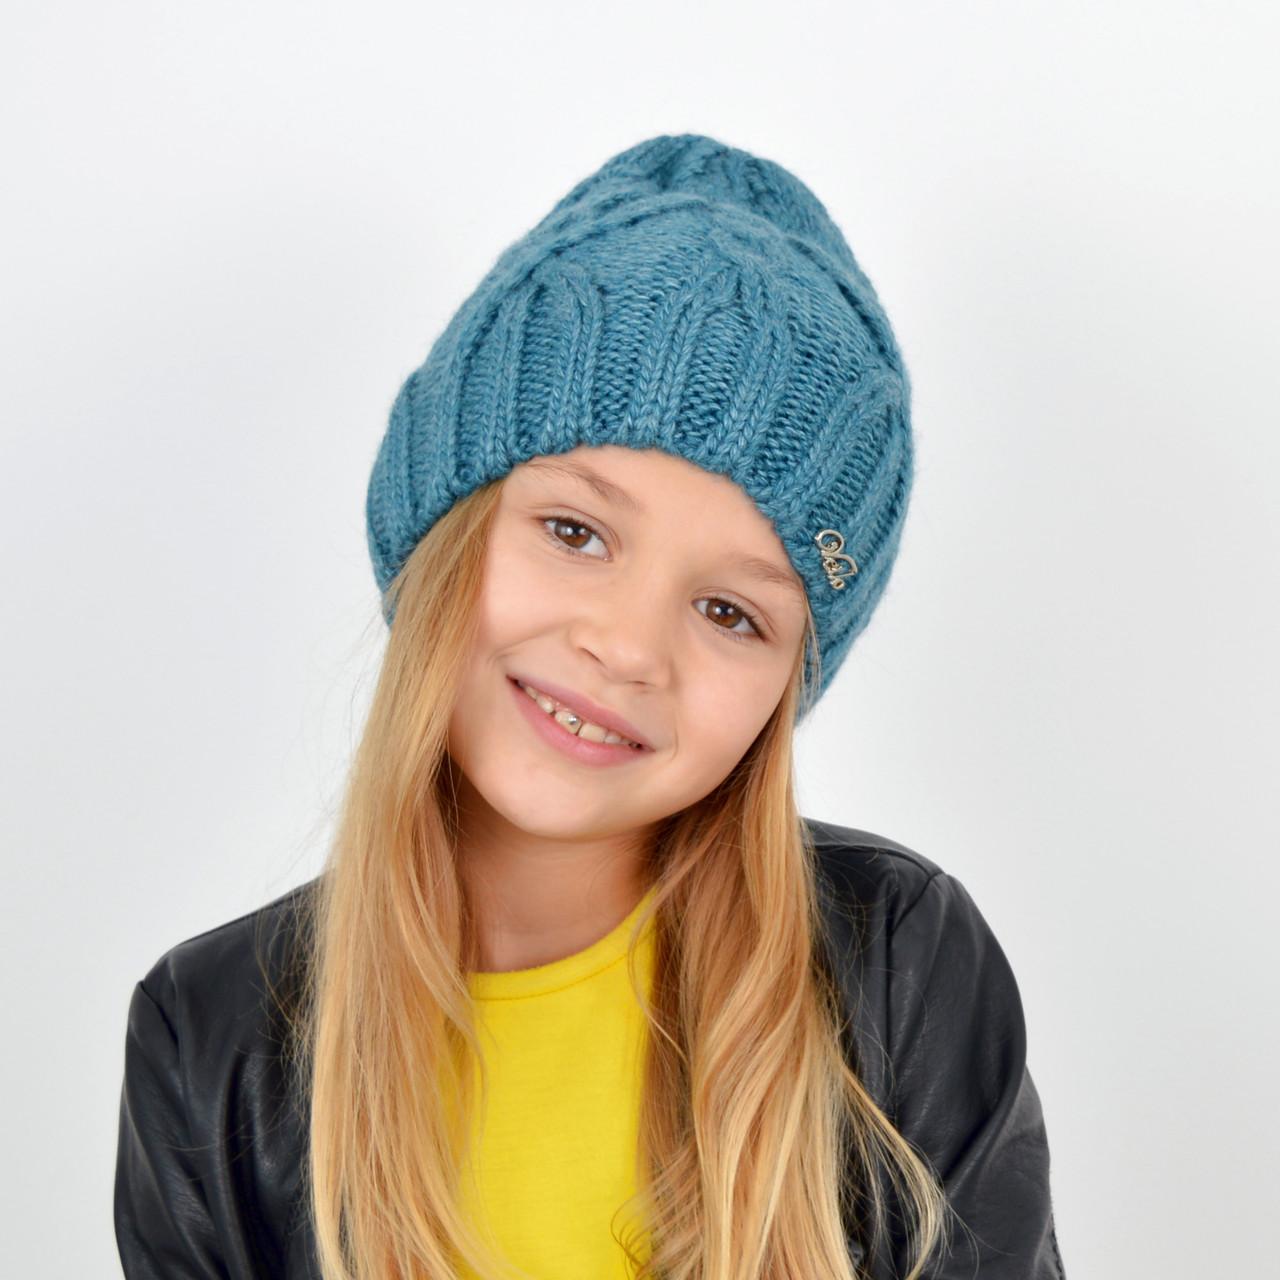 Детская вязаная шапка 3360 Голубой